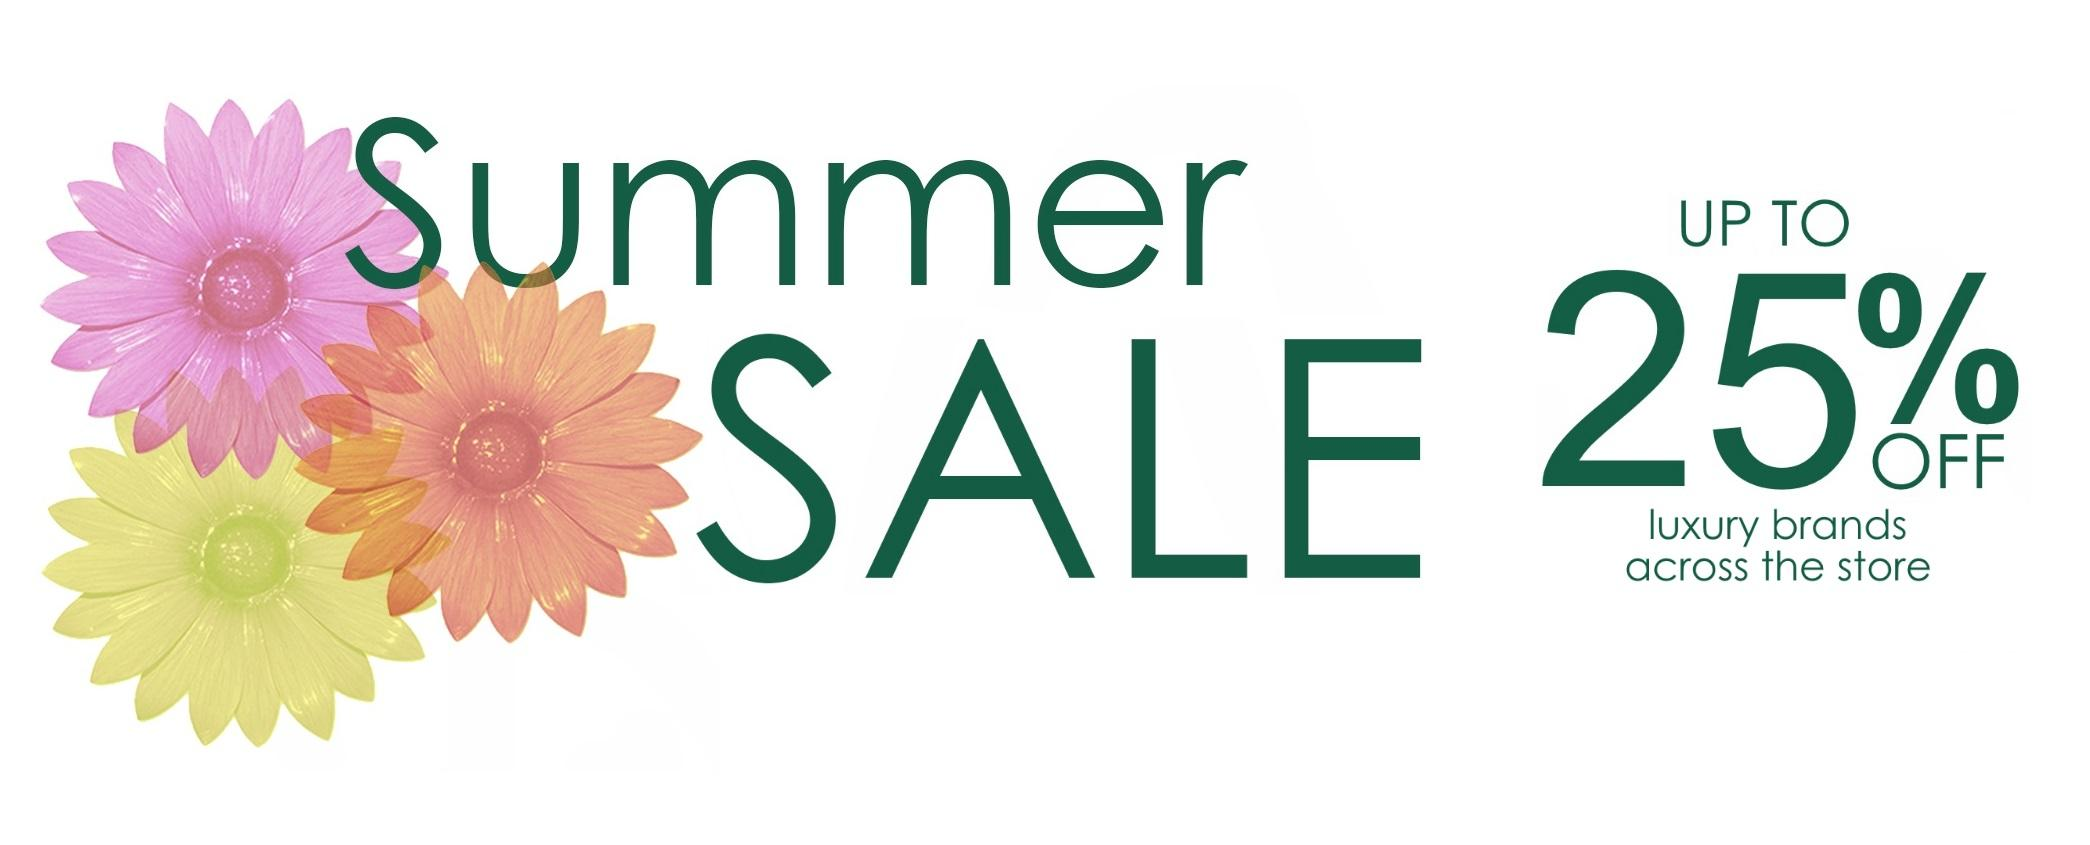 Khuyến mãi mùa hè hấp dẫn khi mua các sản phẩm nội thất